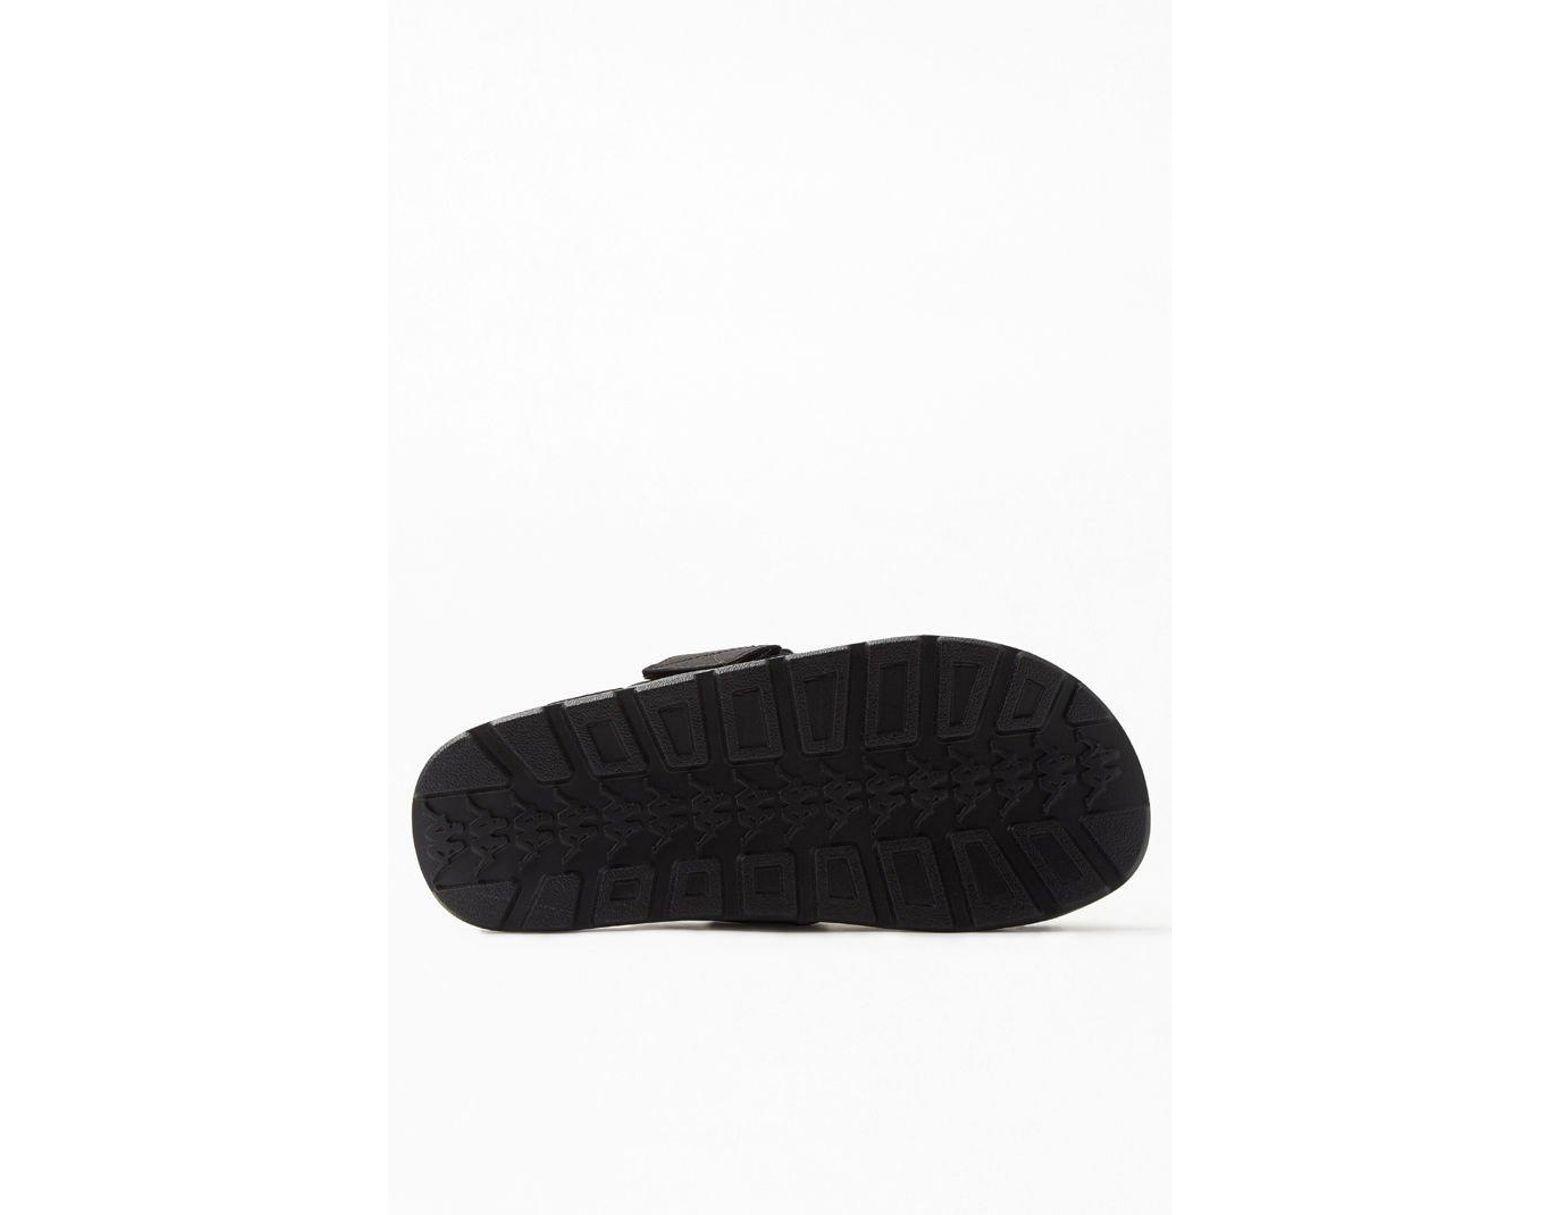 3f8ecaa7 Men's Black 222 Banda Mitel 1 Sandals